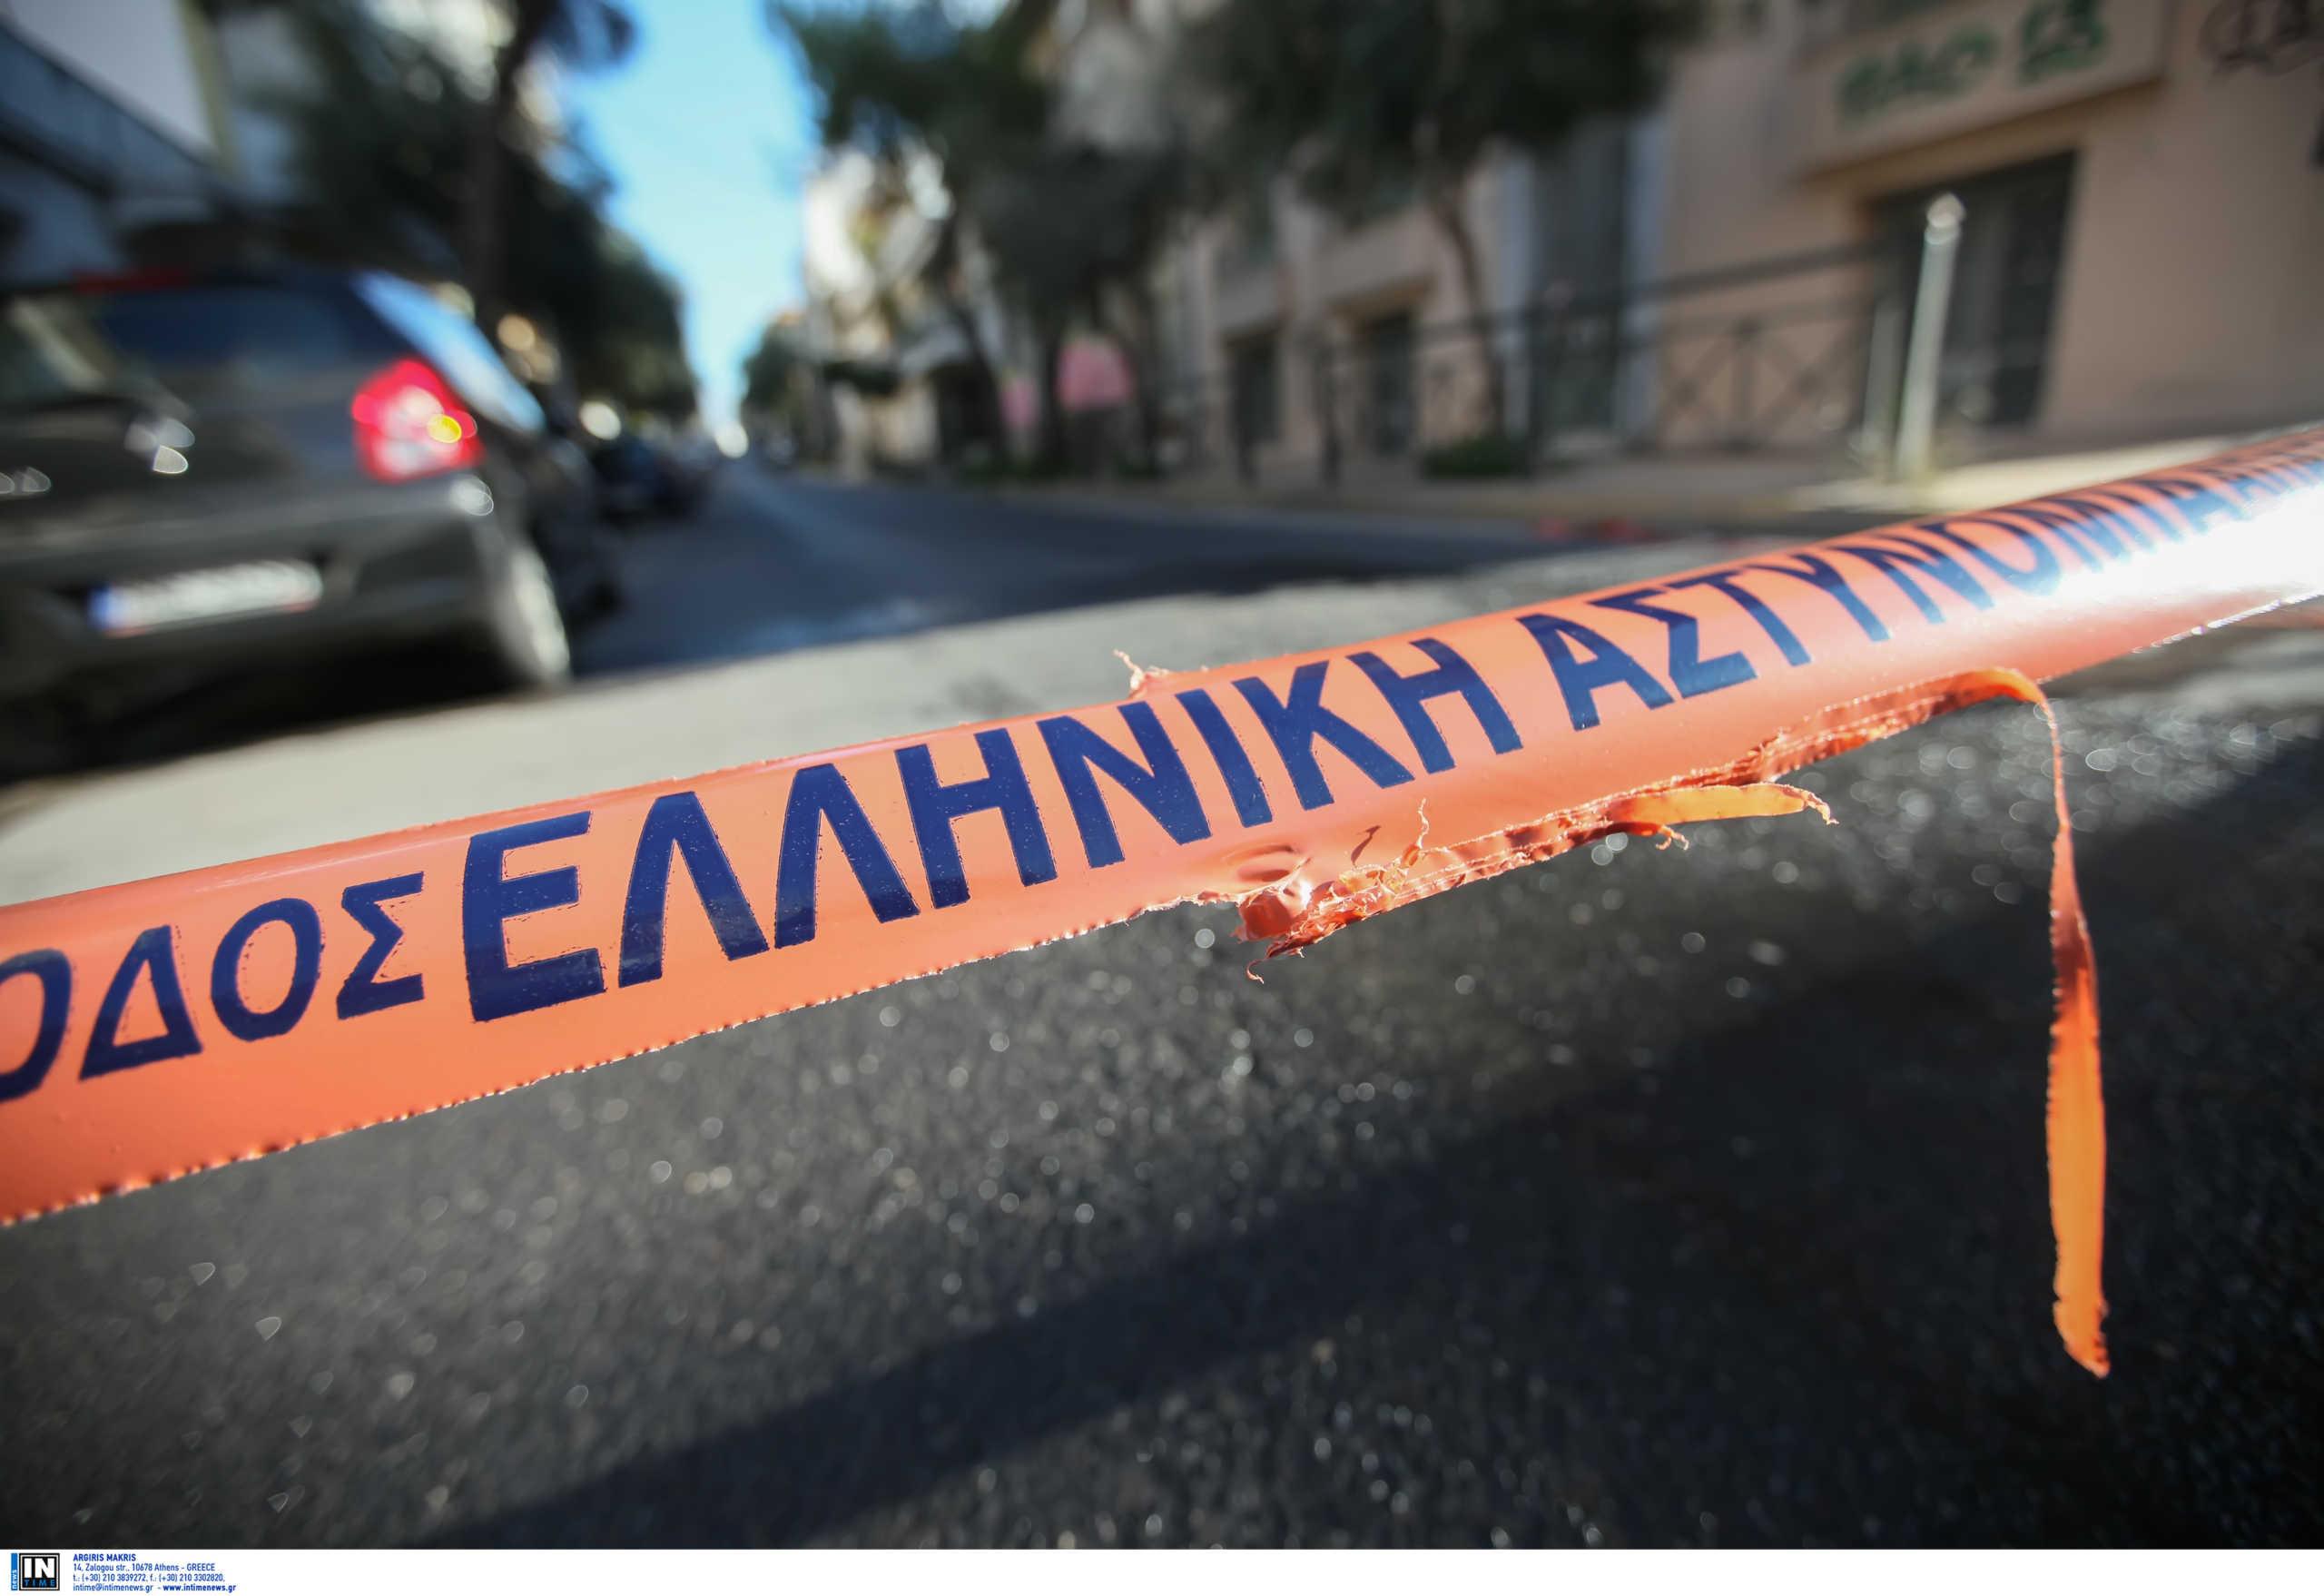 Ηράκλειο: Μπήκαν σπίτι και τον μαχαίρωσαν! Αναστάτωση από τη νέα μαφιόζικη επίθεση